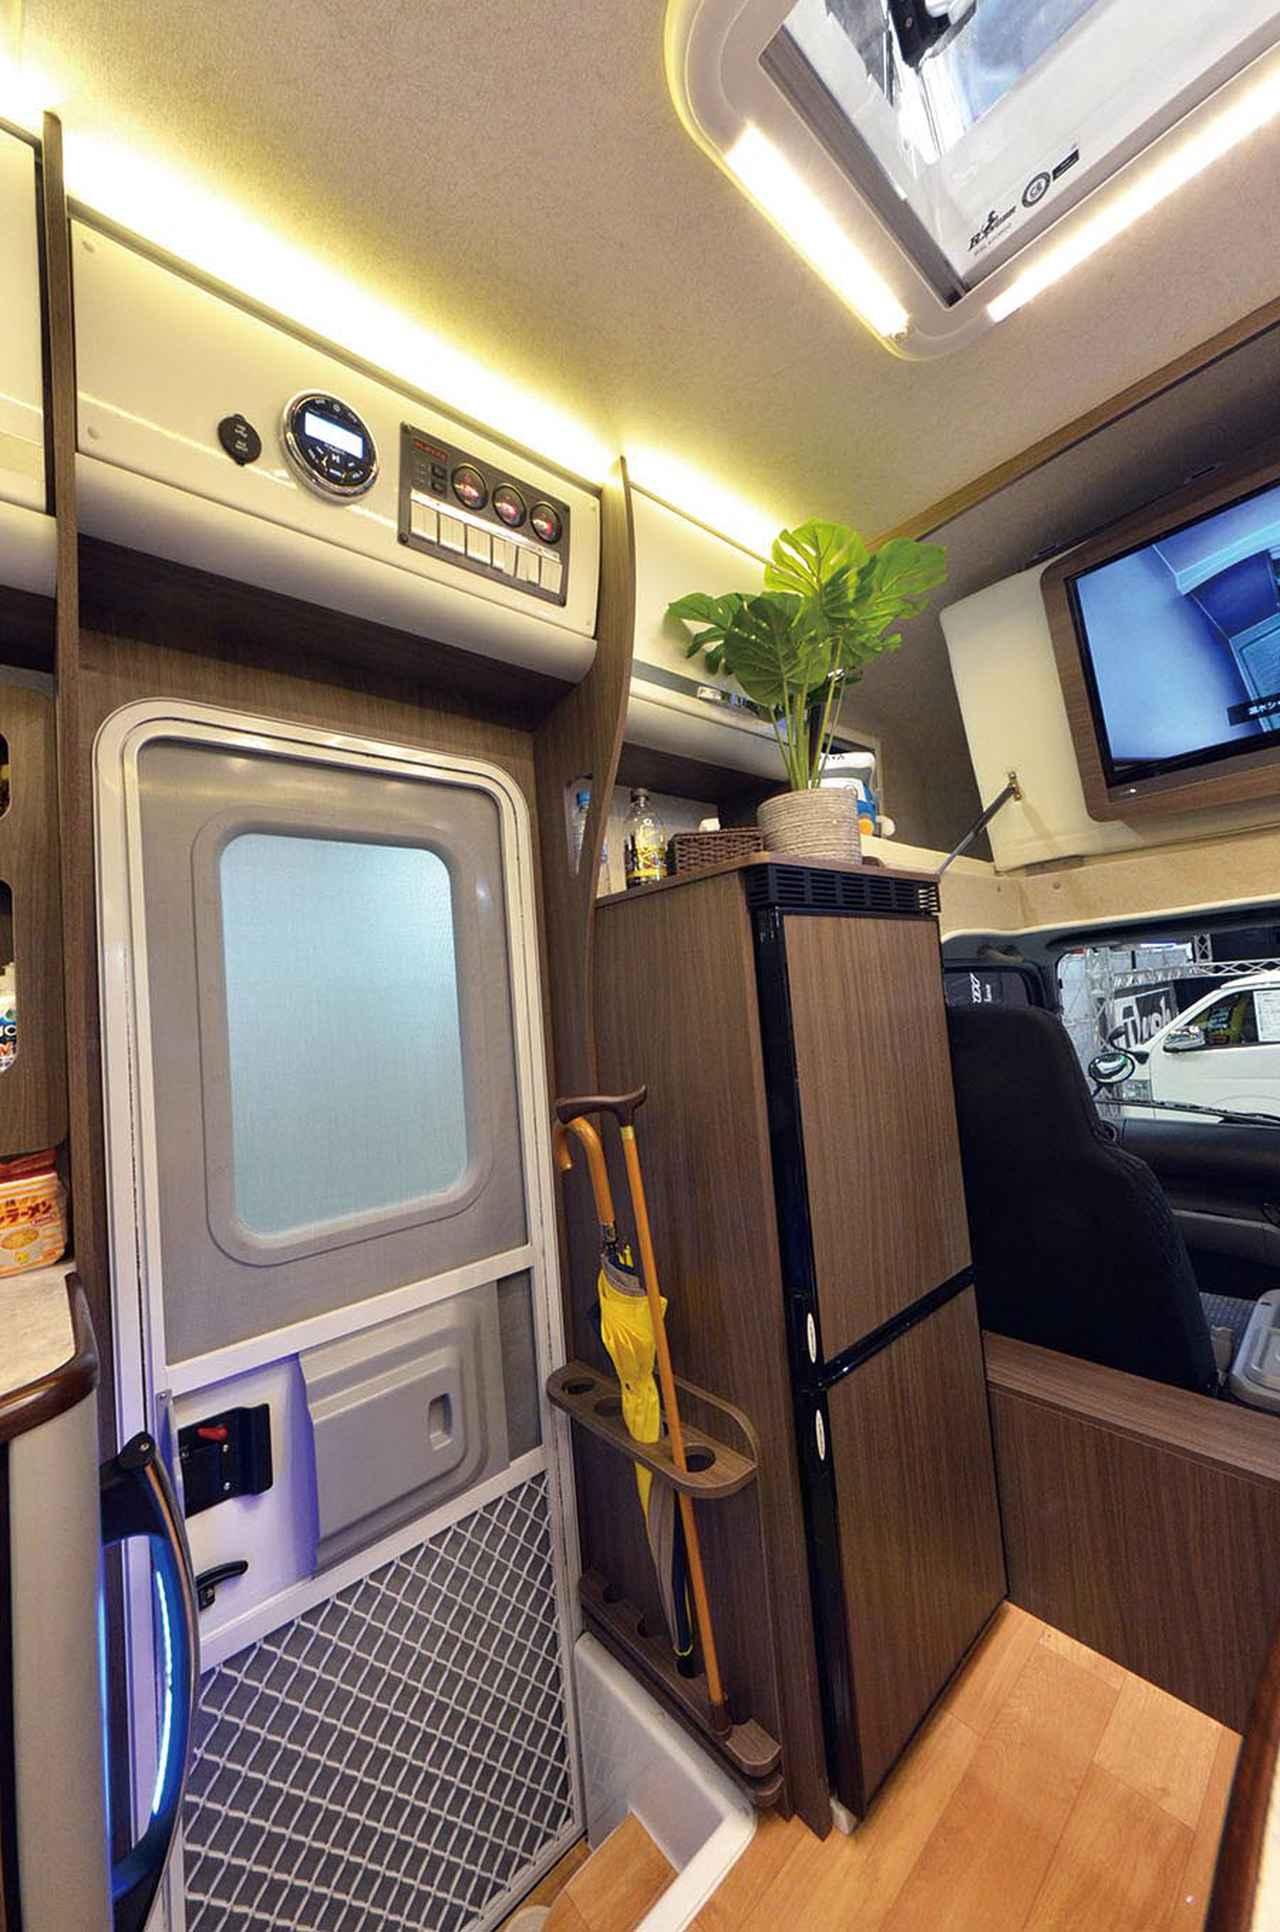 画像: 大型冷蔵庫は内容量148Lもある。エントランス上部にはバッテリー電圧計、給水残量計、排水量計、Bluetooth接続オーディオが組み込まれている。